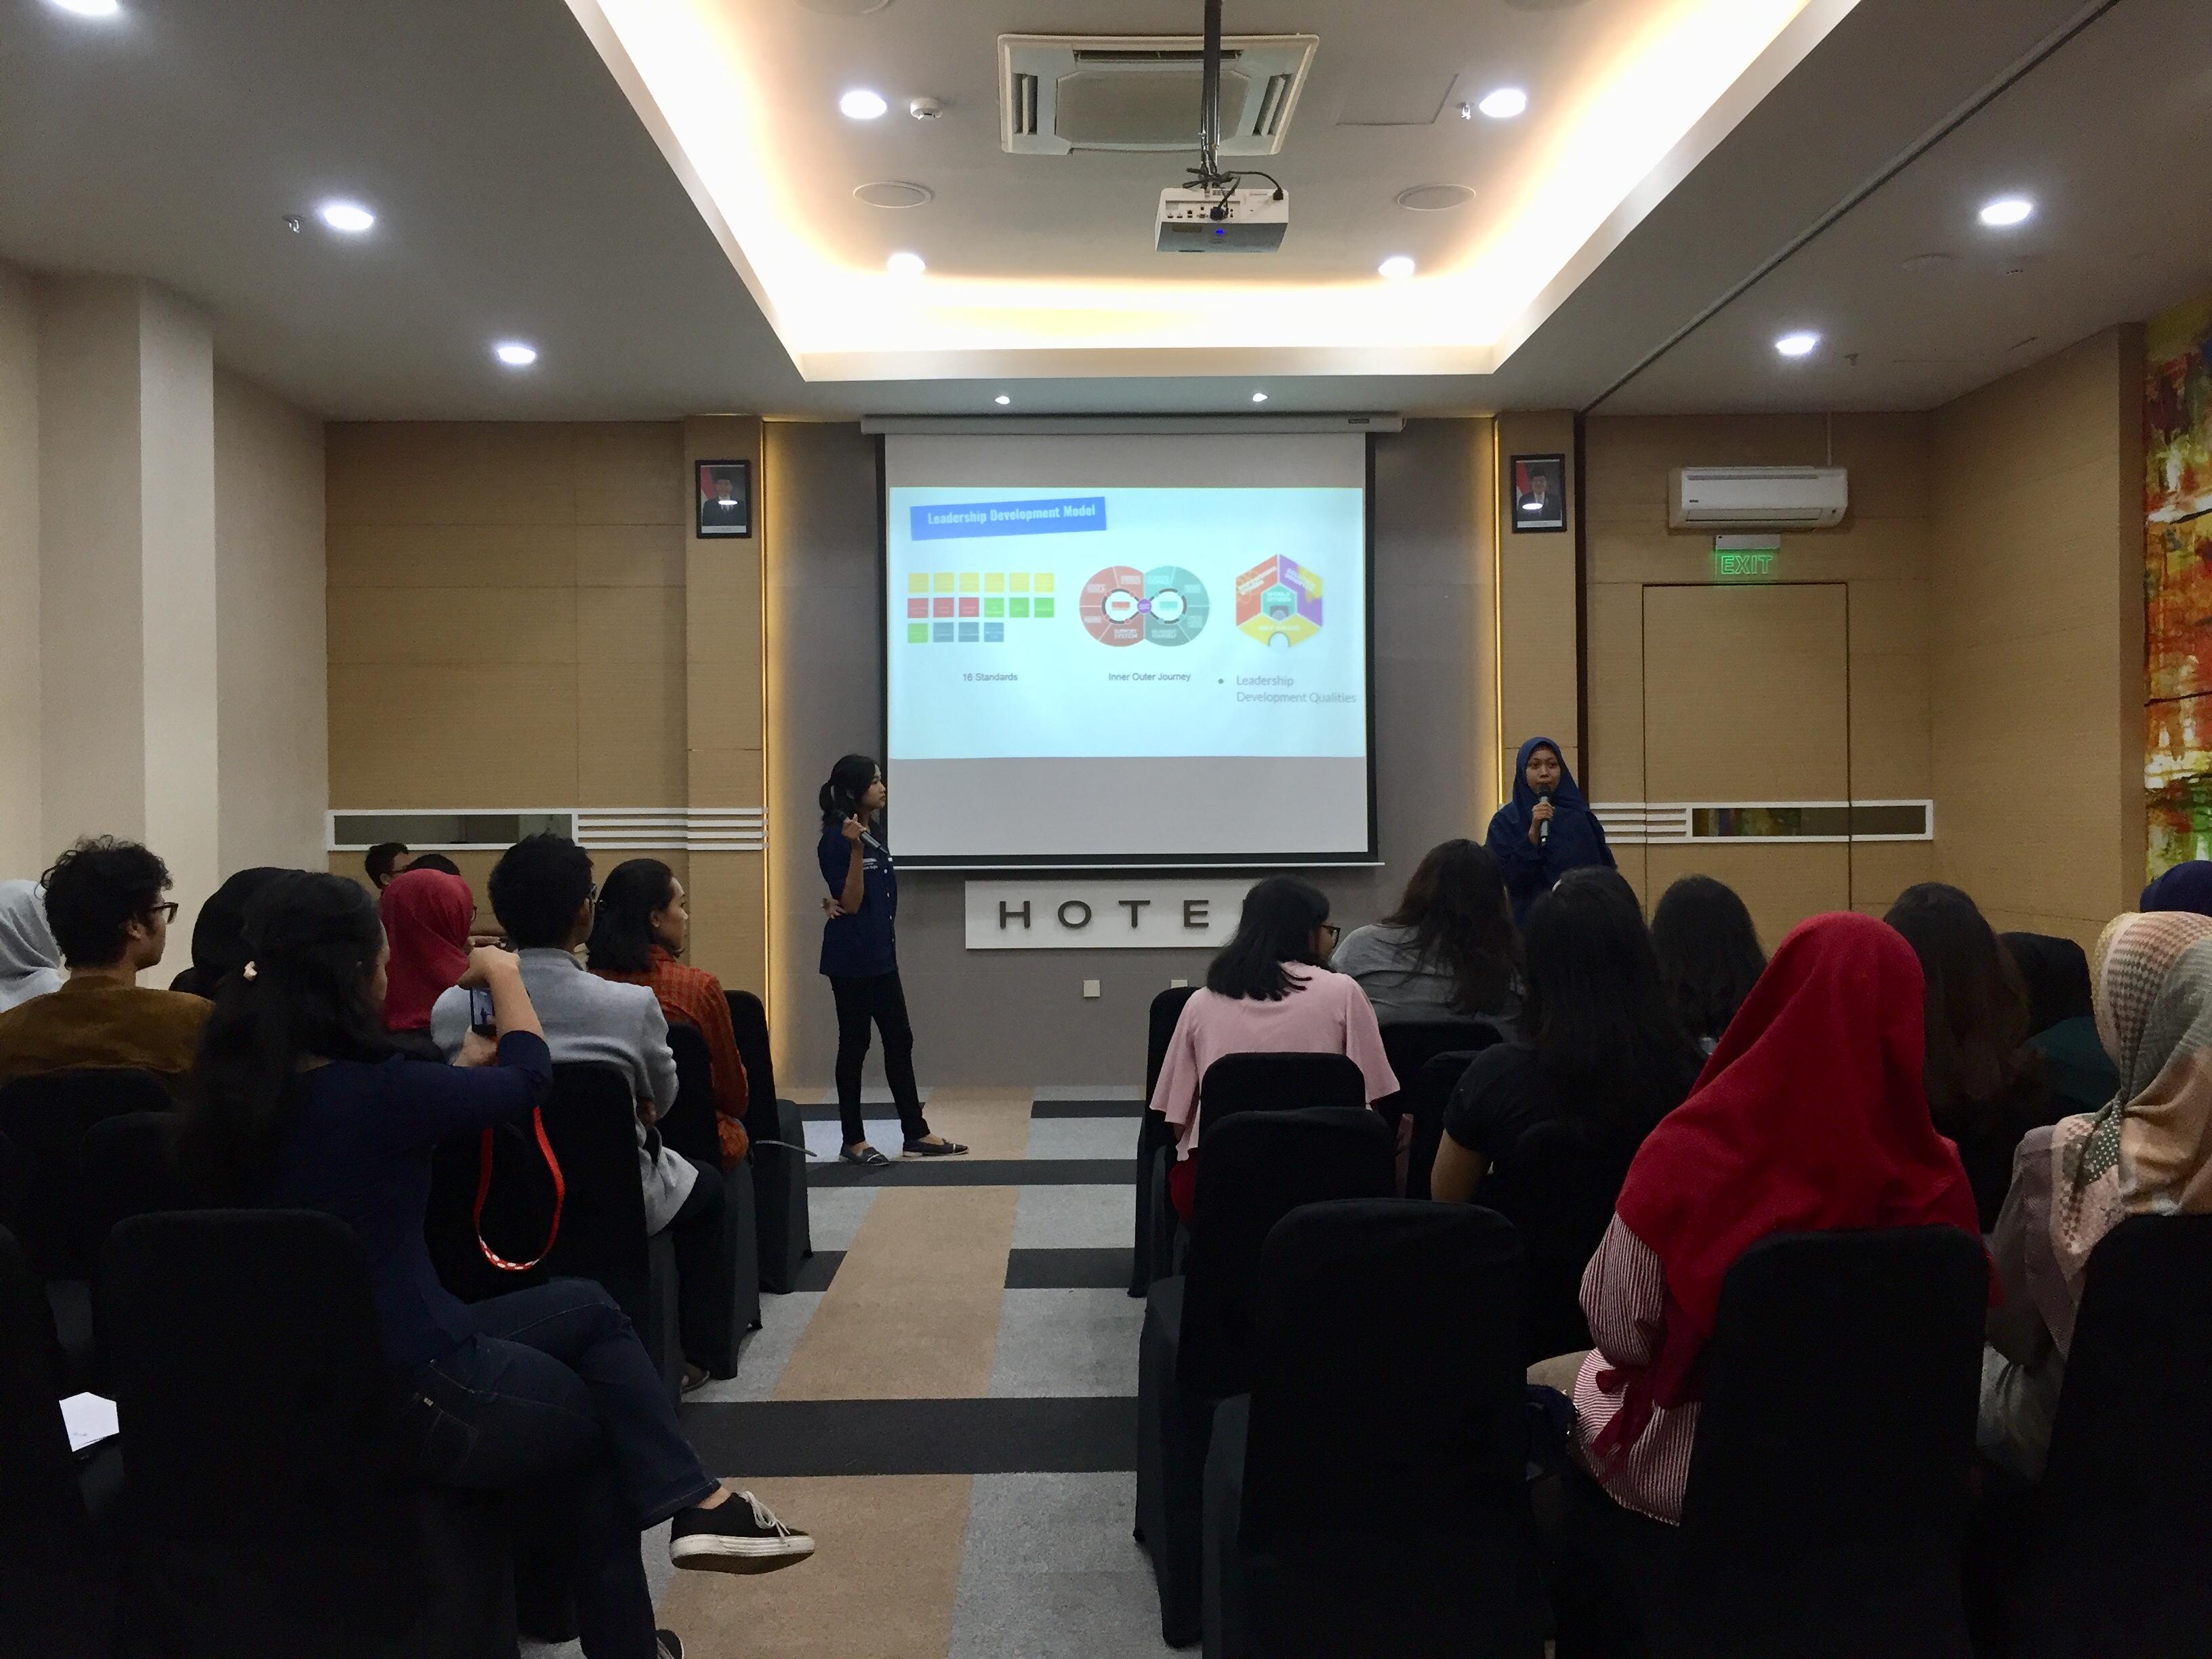 Penyampaian Materi di Acara Outgoing Preparation Seminar (OPS) AIESEC di Surabaya (26/5)